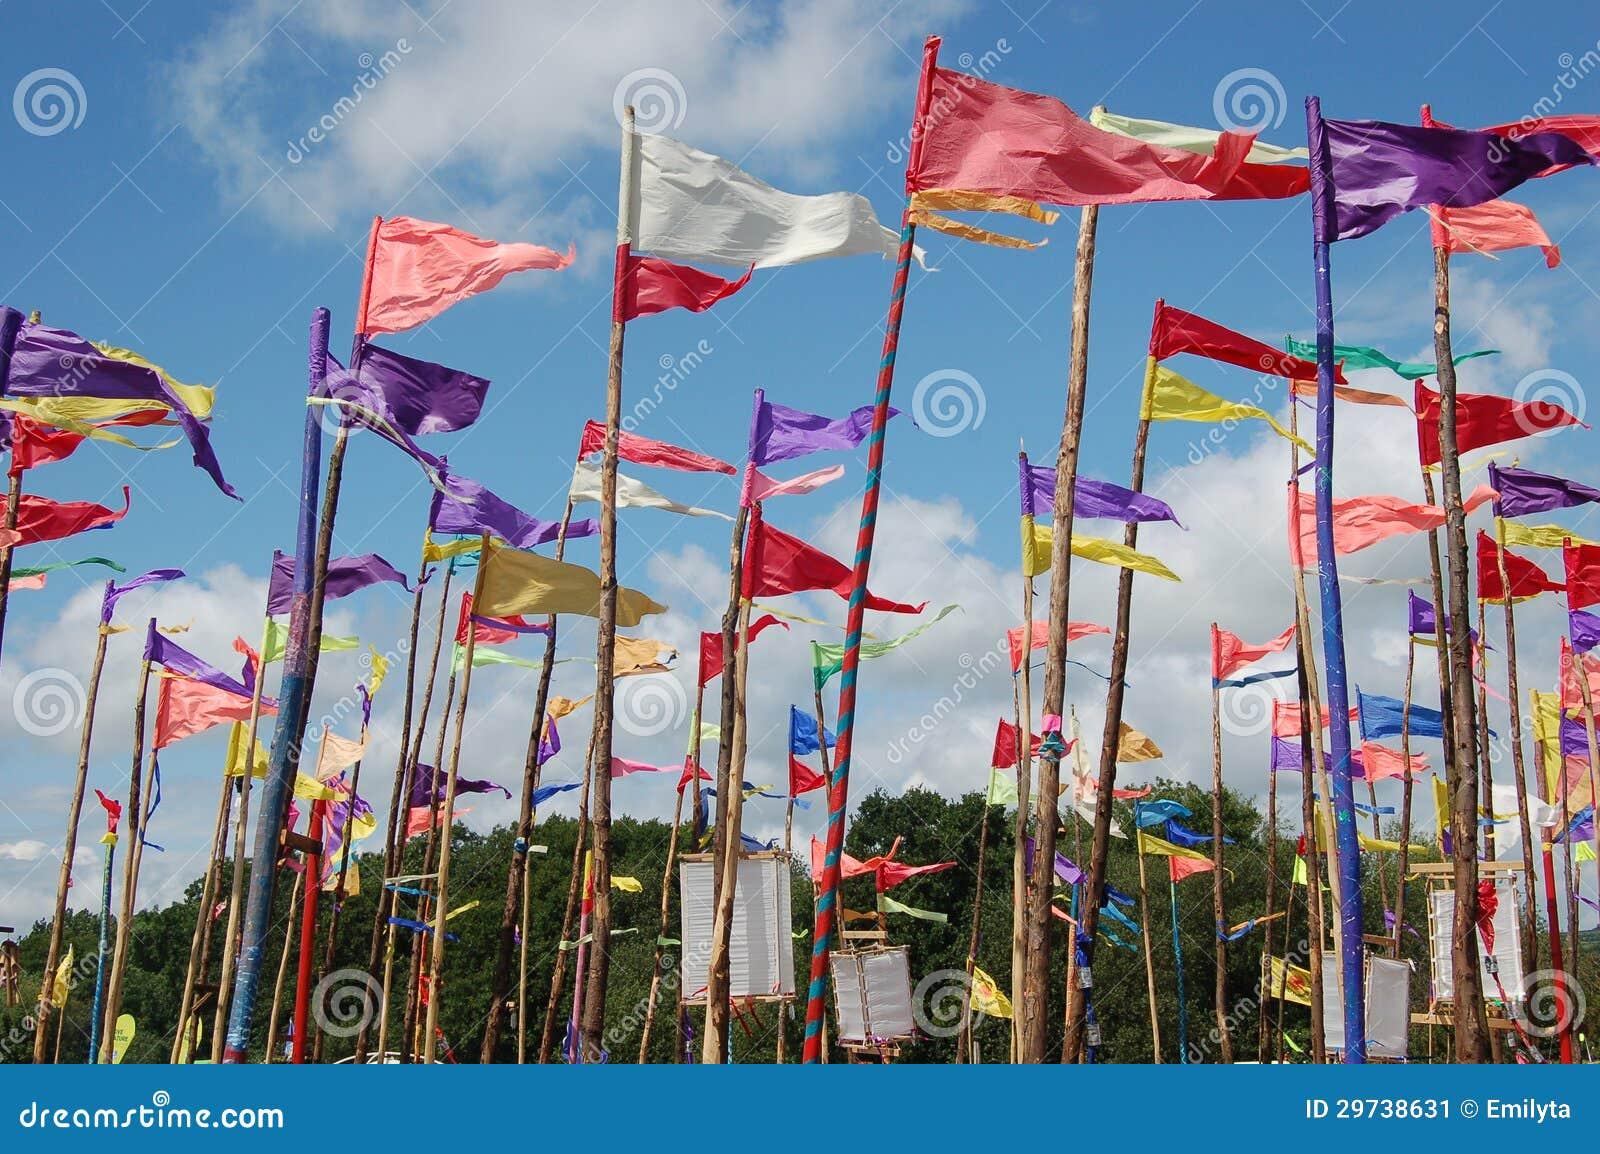 Festival flaggen stockbild bild 29738631 for Gelb karten gegen fliegen